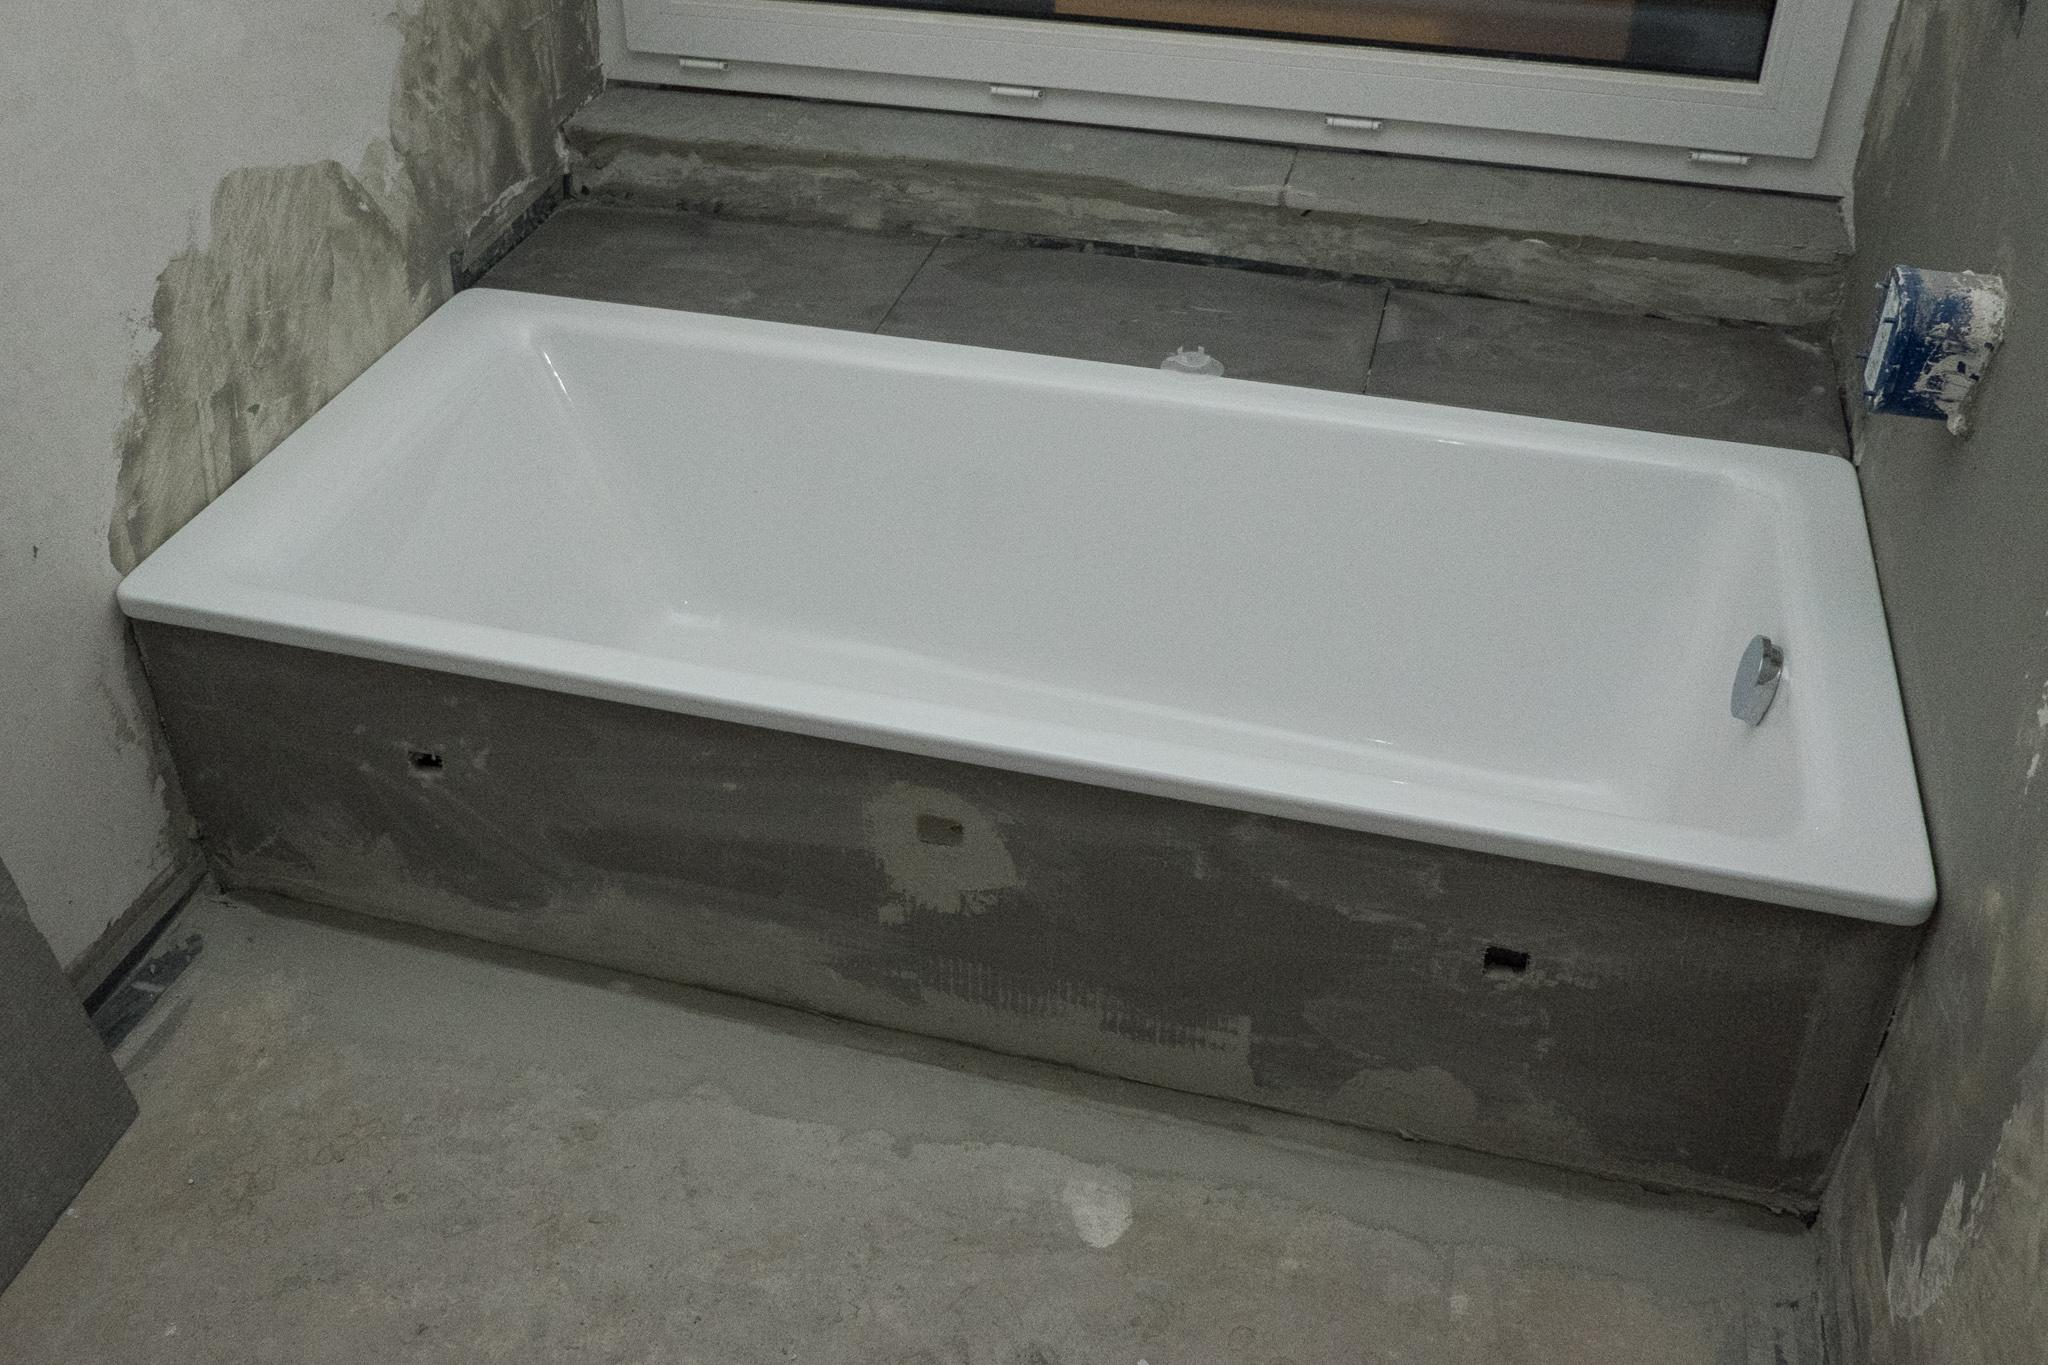 Fliesenarbeiten teil 2 ein haus f r den zwerg - Ablage badewanne ...